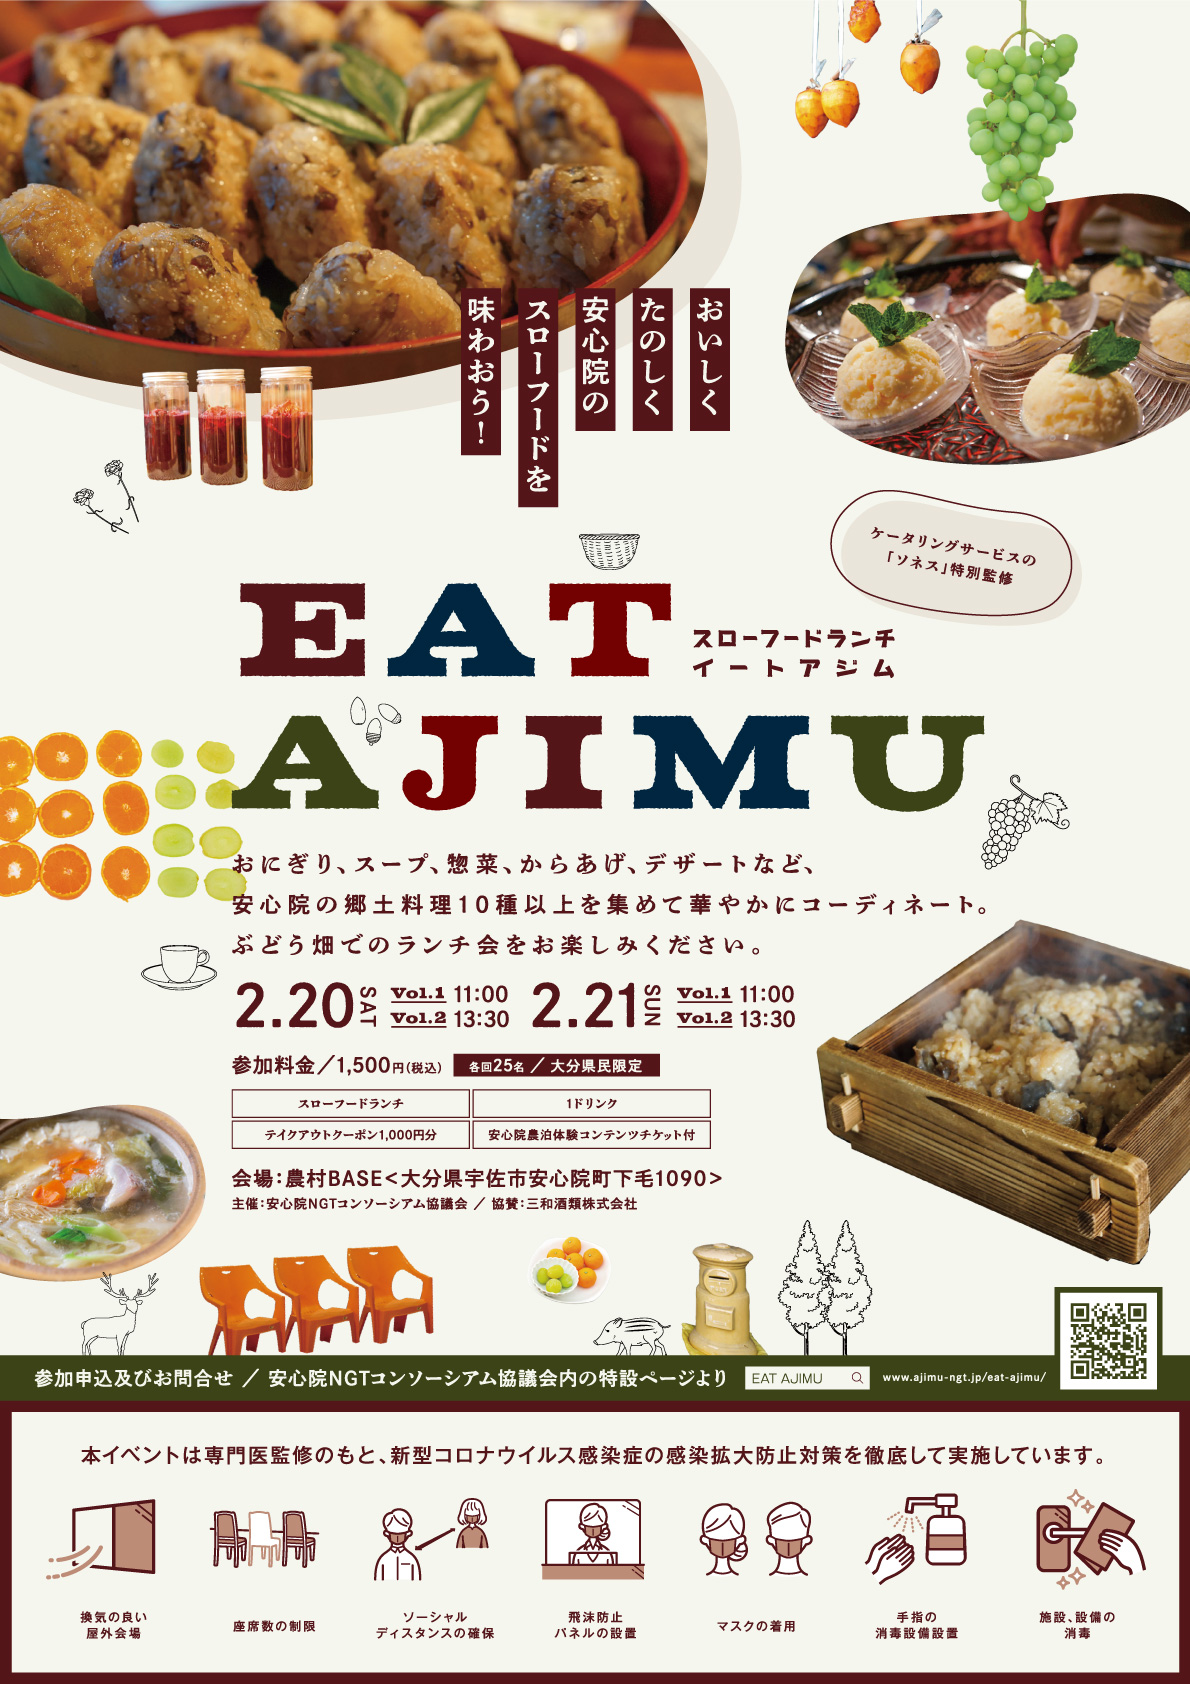 07_eatajimu_A4_0203